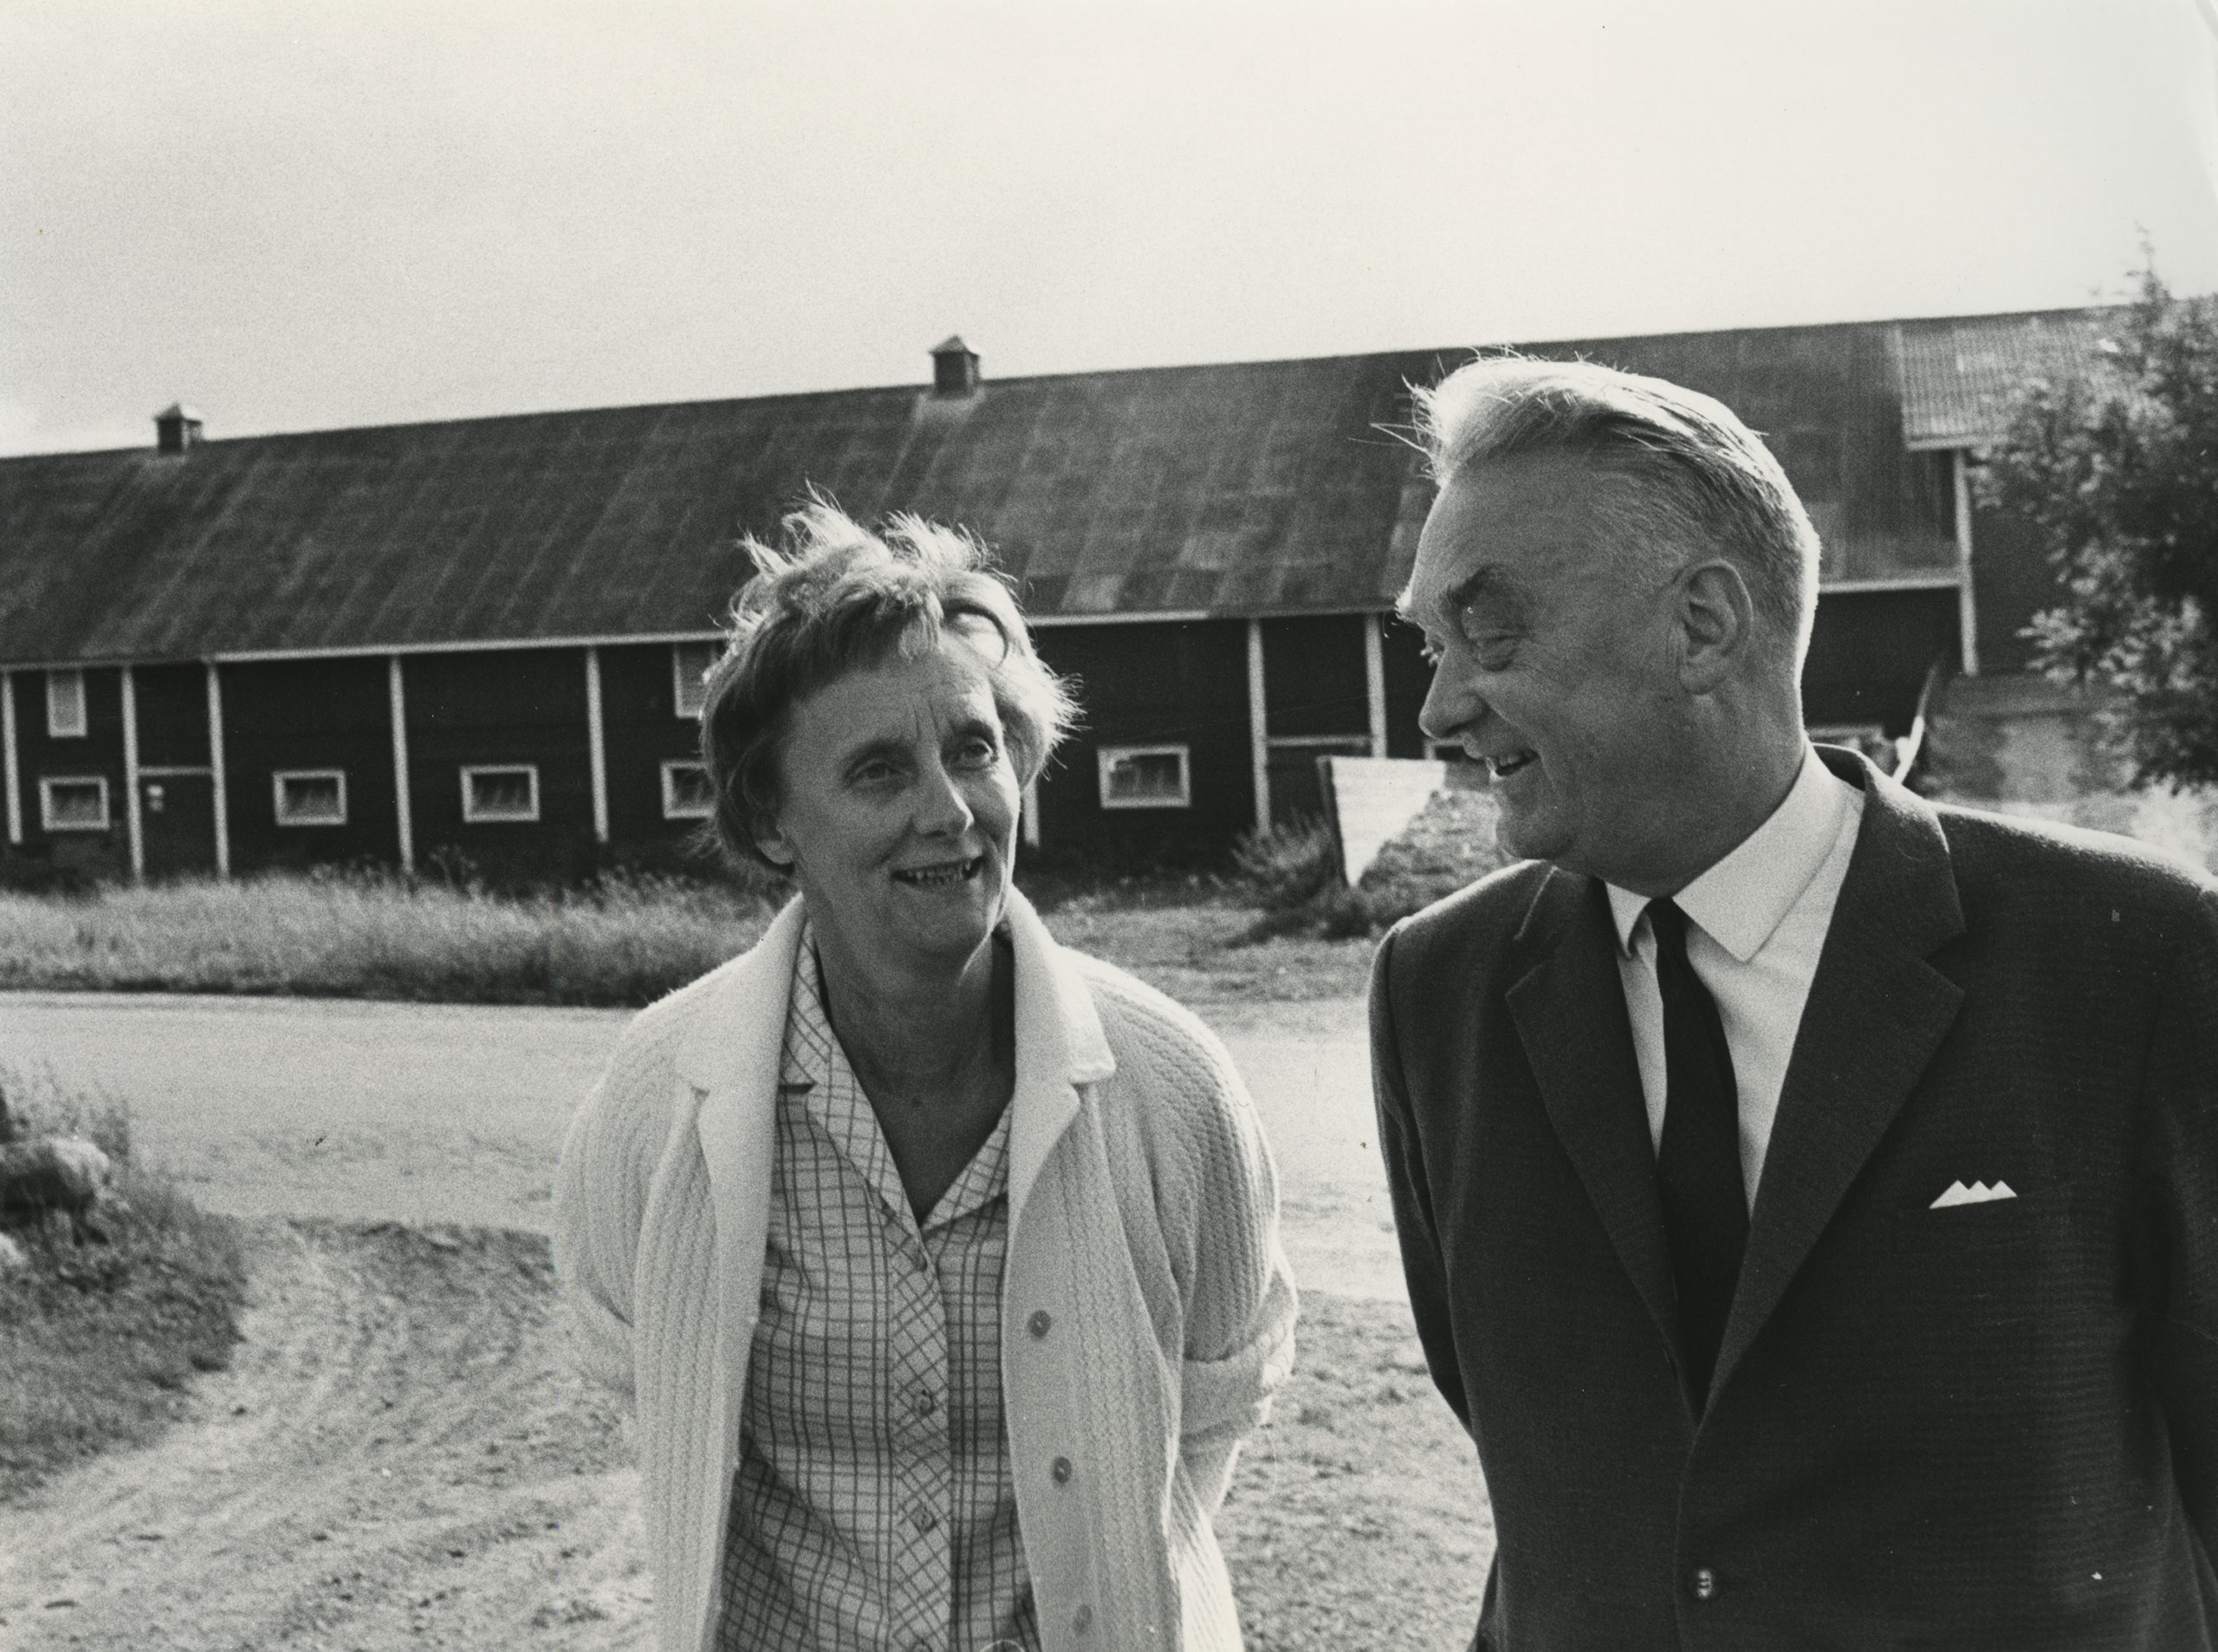 Vimmerbys Astrid Lindgren